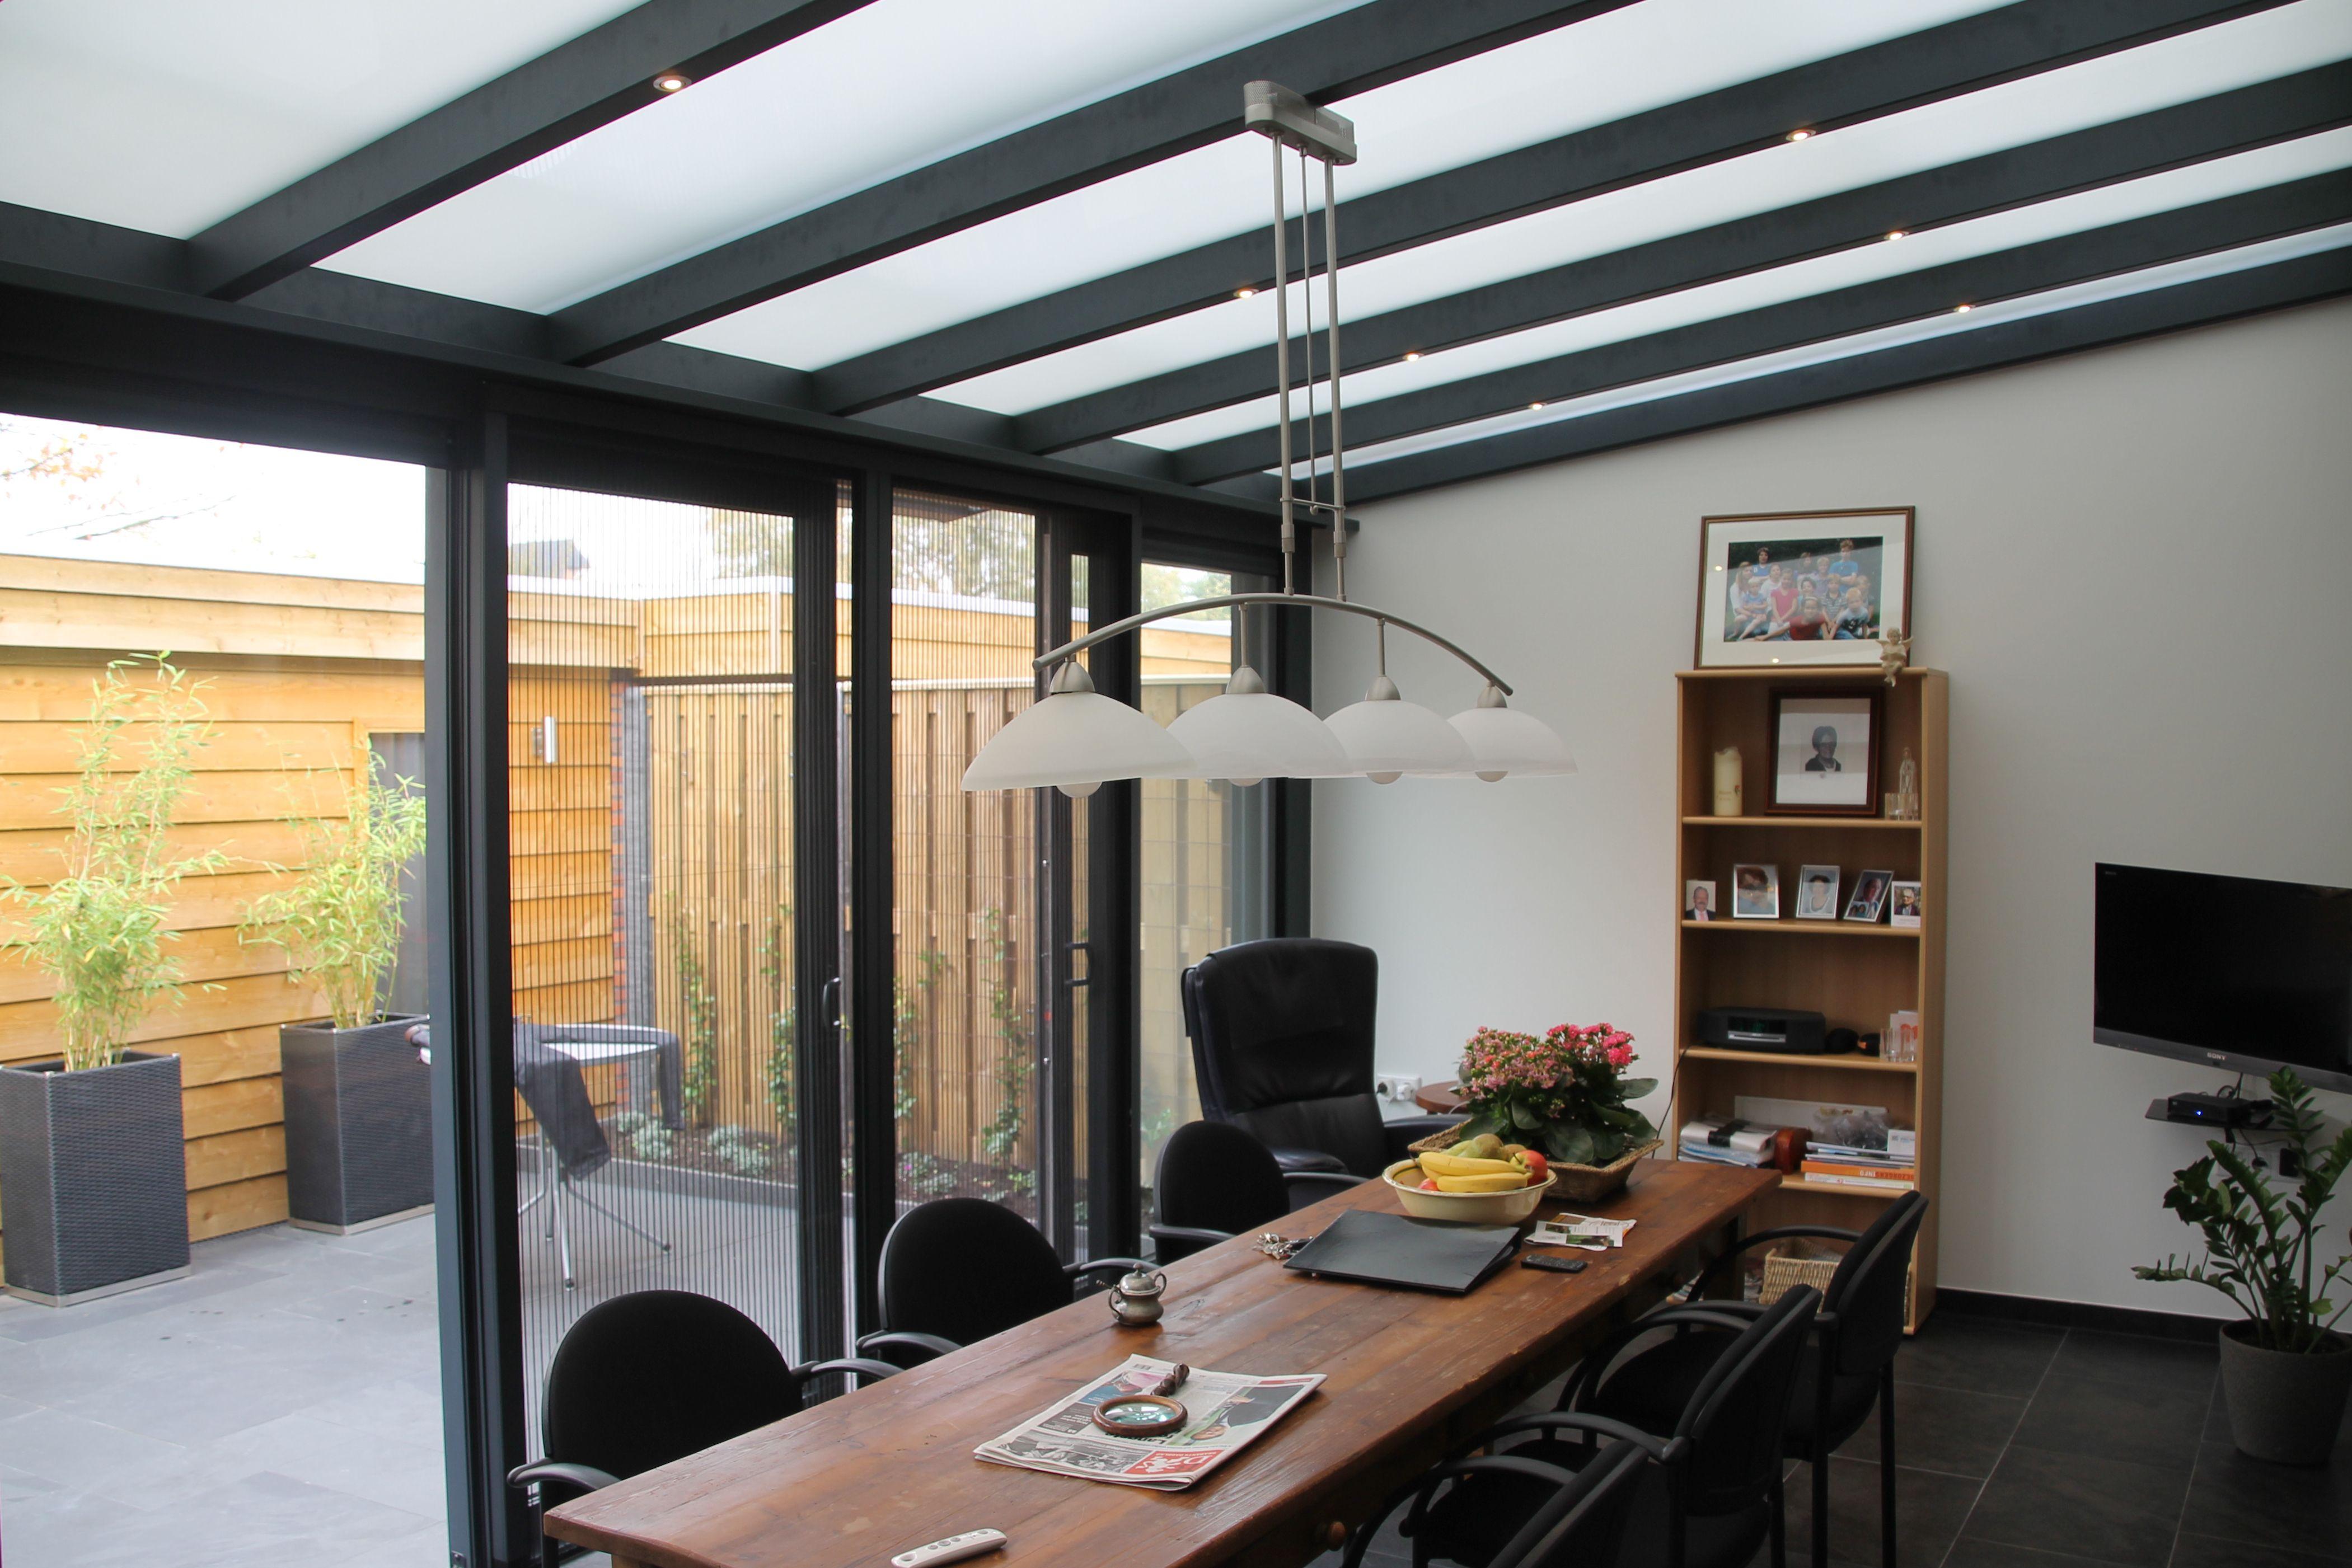 13x Serre Inspiratie : Woonserre voor meer ruimte in huis het perfecte voorbeeld van het